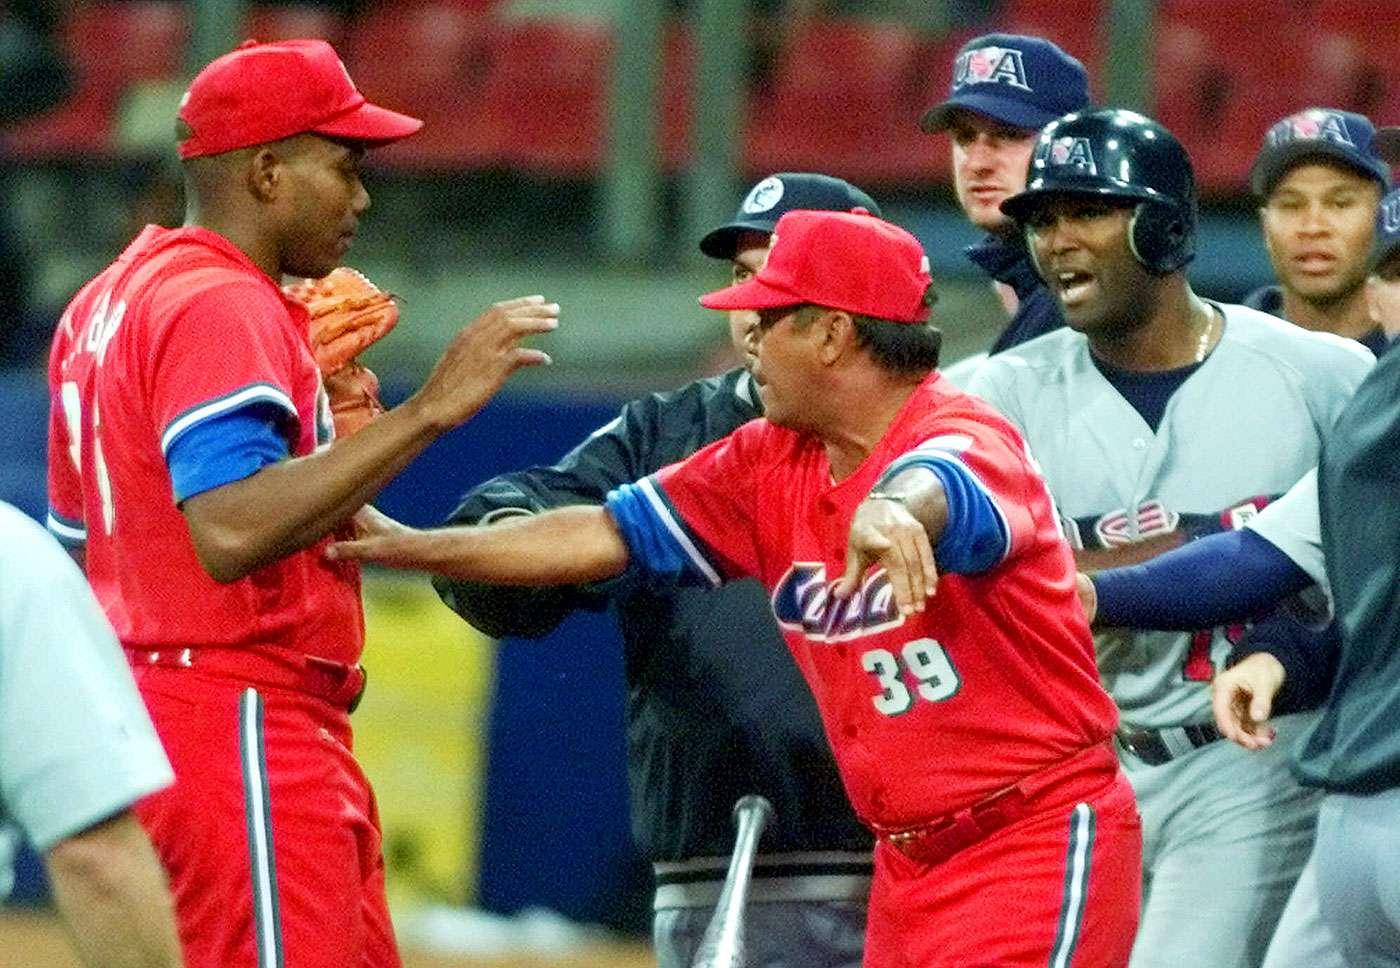 En imagen del 23 de septiembre de 2000, el manager de la selección de Cuba, Servio Borges (39), separa al pitcher José Ibar, izquierda, y al bateador estadounidense Ernie Young luego que Ibar dio un pelotazo a Young en el cuarto inning durante los Juegos Olímpicos Sydney 2000. Foto: Eric Gay/AP